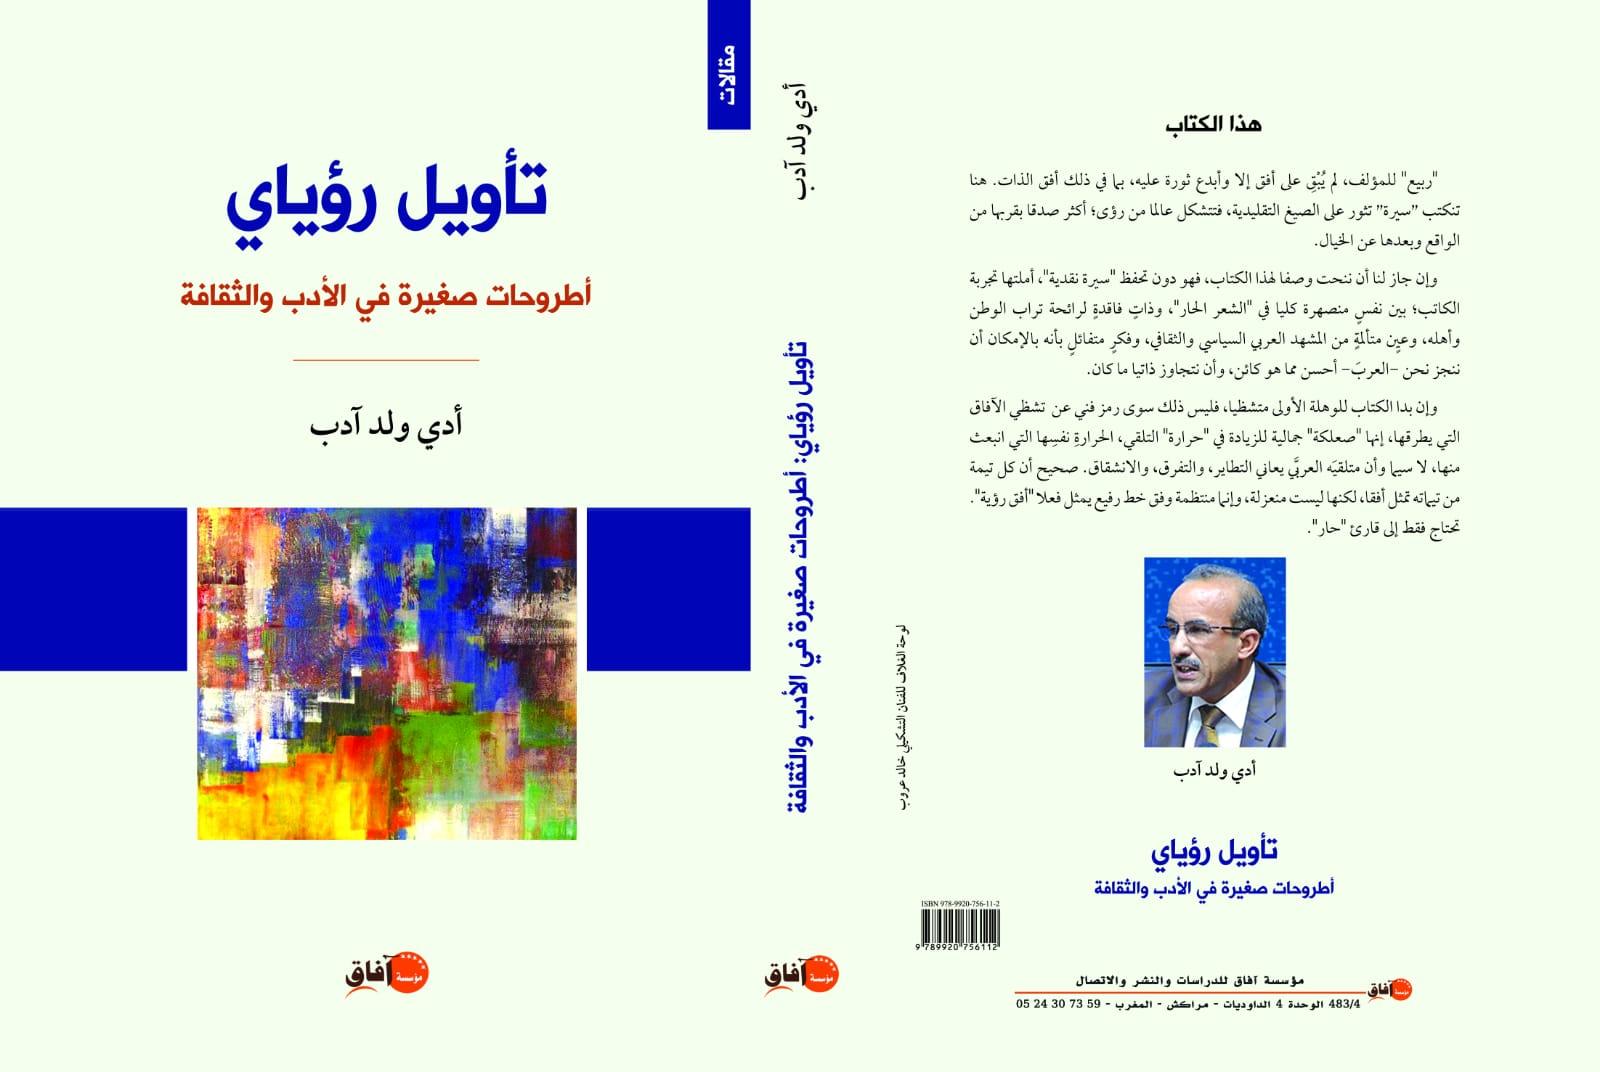 9db686983de83 ديوان جديد للدكتور آدي ولد آدب بعنوان تأويل رؤياي